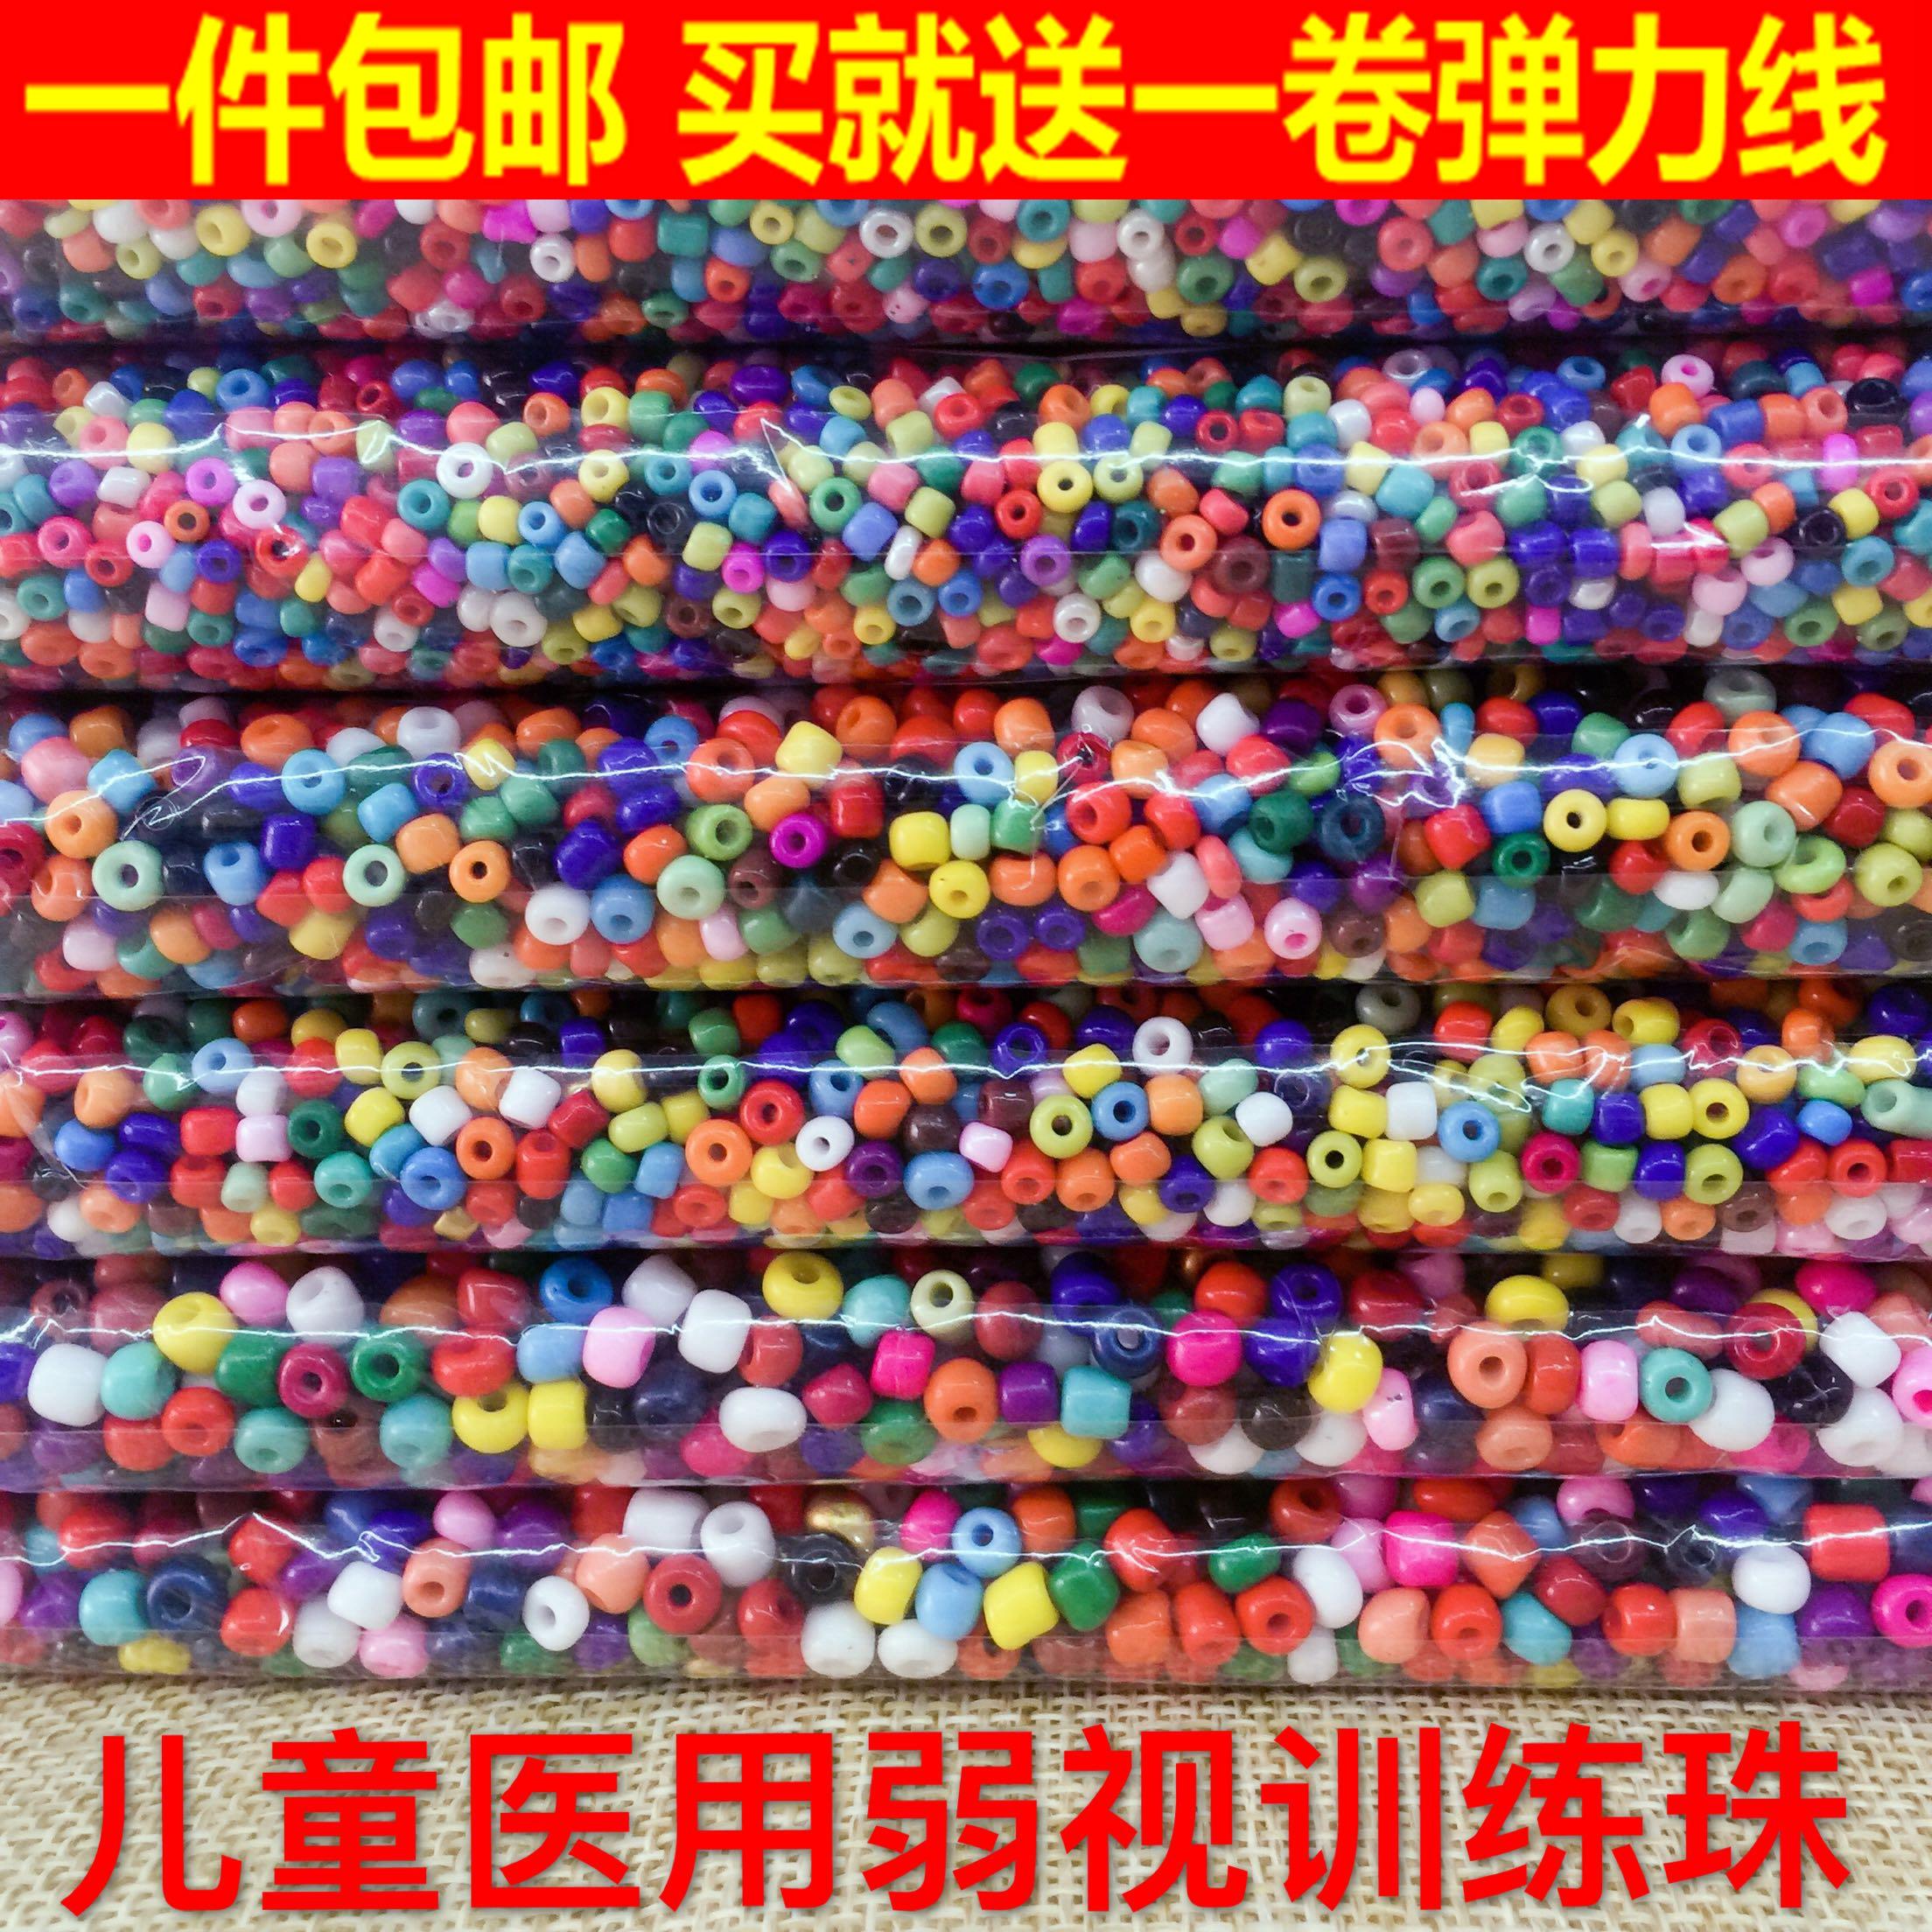 Ребенок медицинская слабый внимание далеко внимание астигматизм обучение разброс жемчужина украшенный бусами браслет ожерелье надеть шарик головоломка игрушка бесплатная доставка